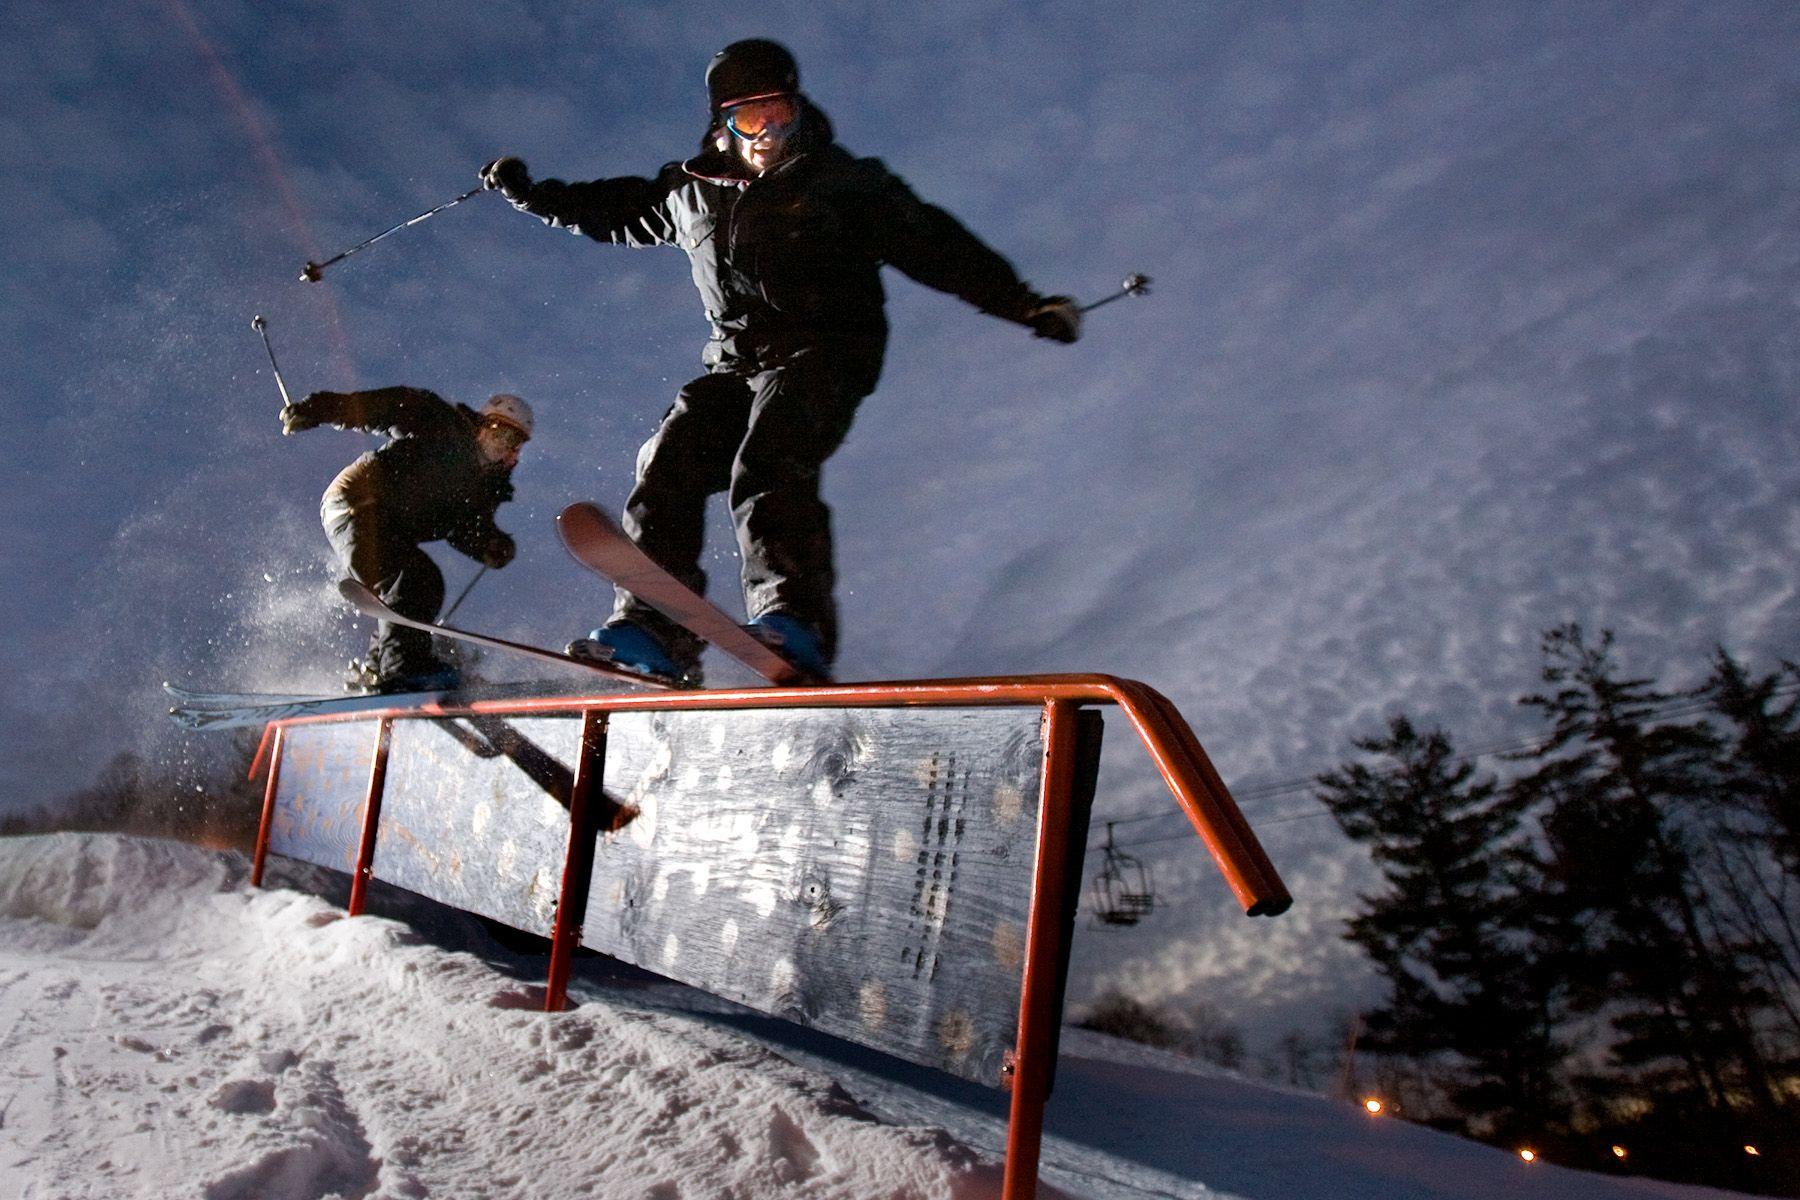 Pin by Swain Resort on Skiing at Swain Skiing, Resort, Pics